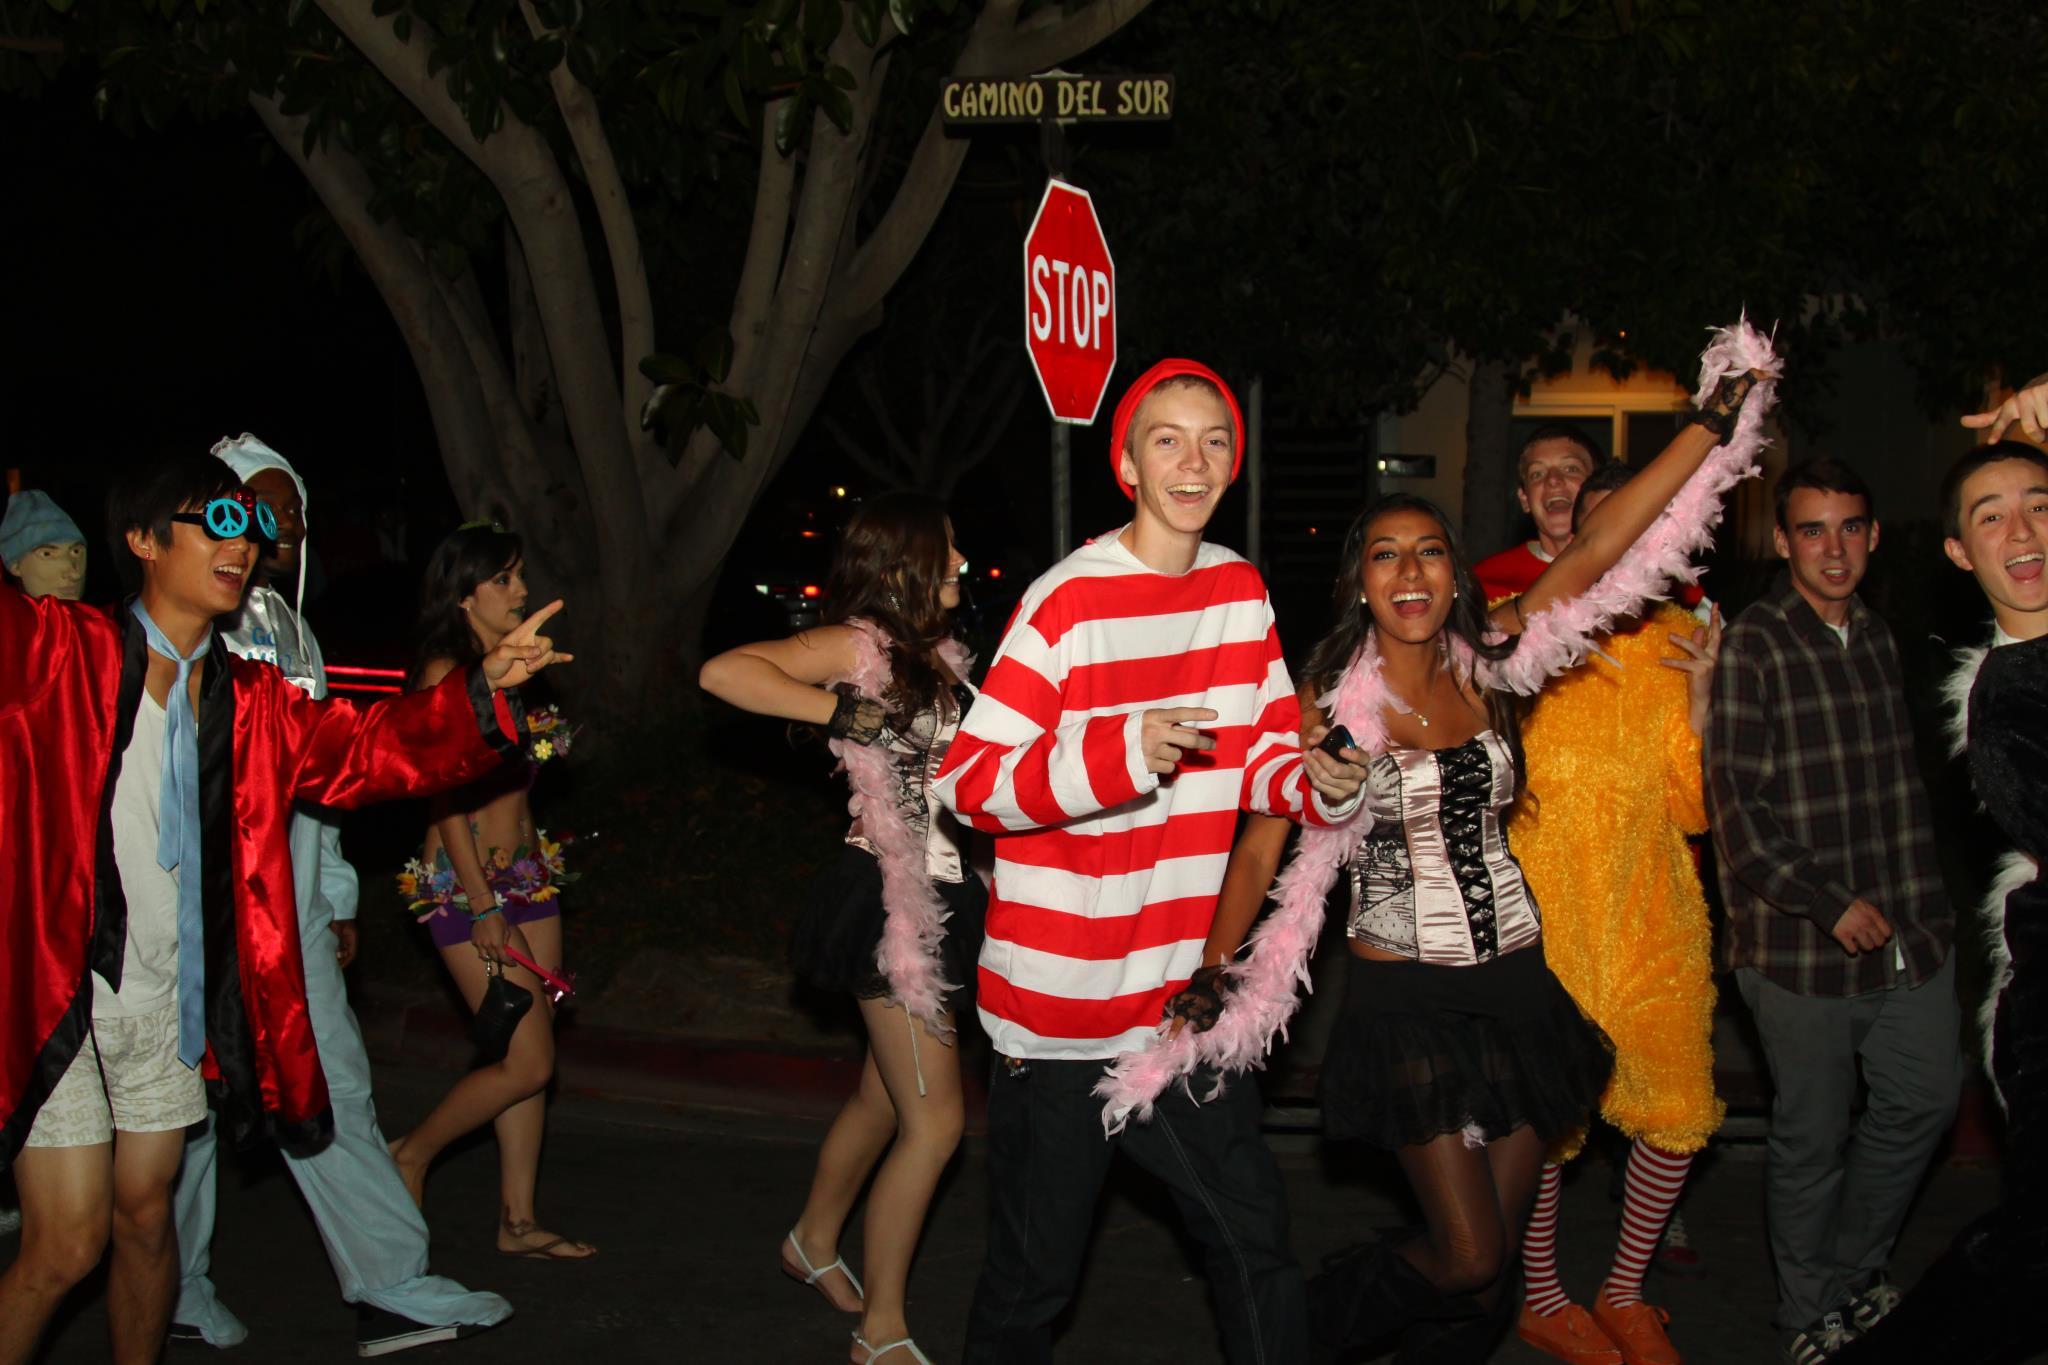 photo gallery ucsb isla vista halloween 2011 - Uc Santa Barbara Halloween